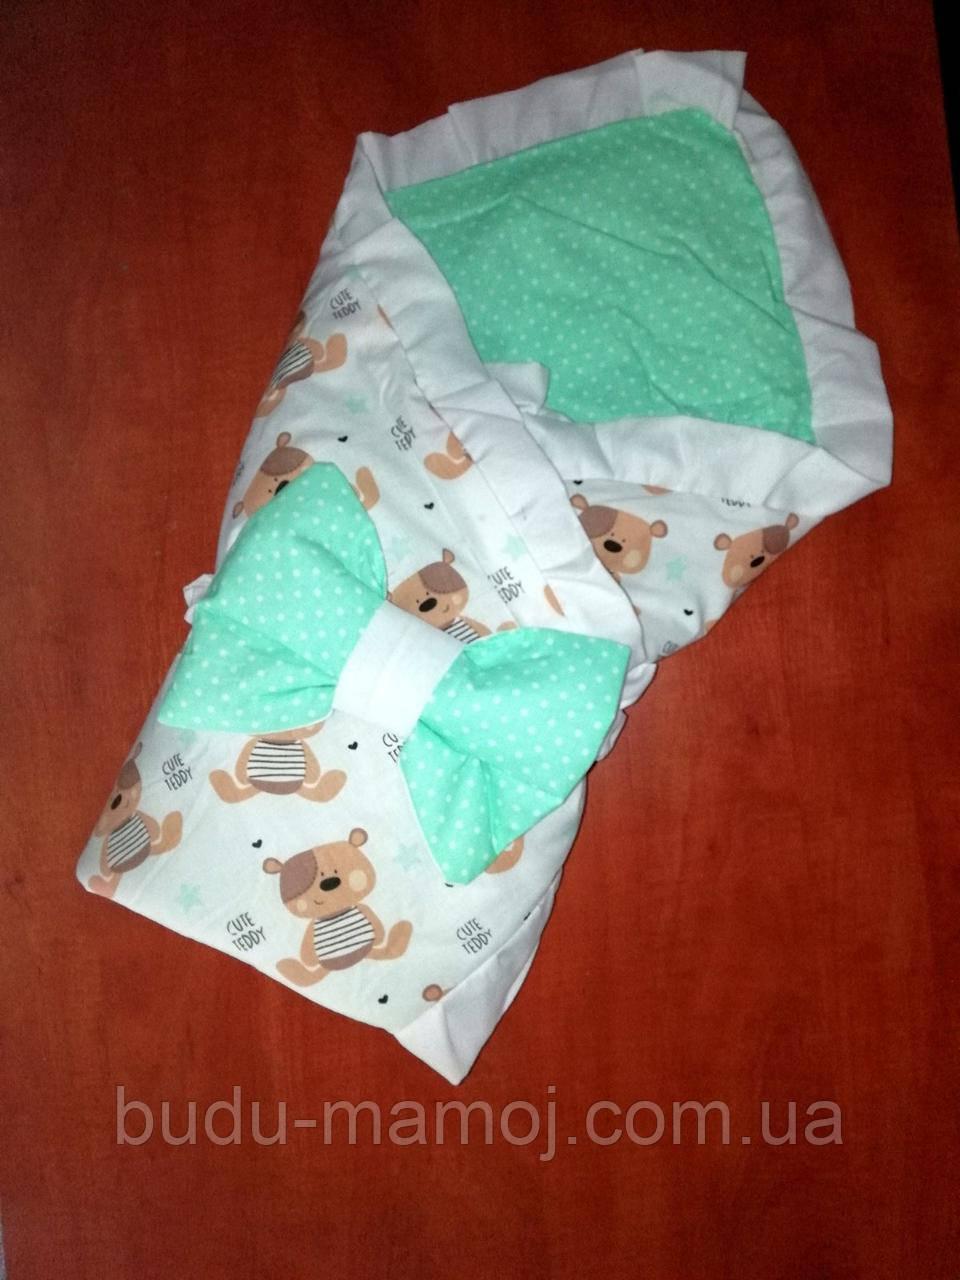 2в1 LUX конверт двухсторонний на выписку в роддом Одеяло для новорожденного  в кроватку Лето